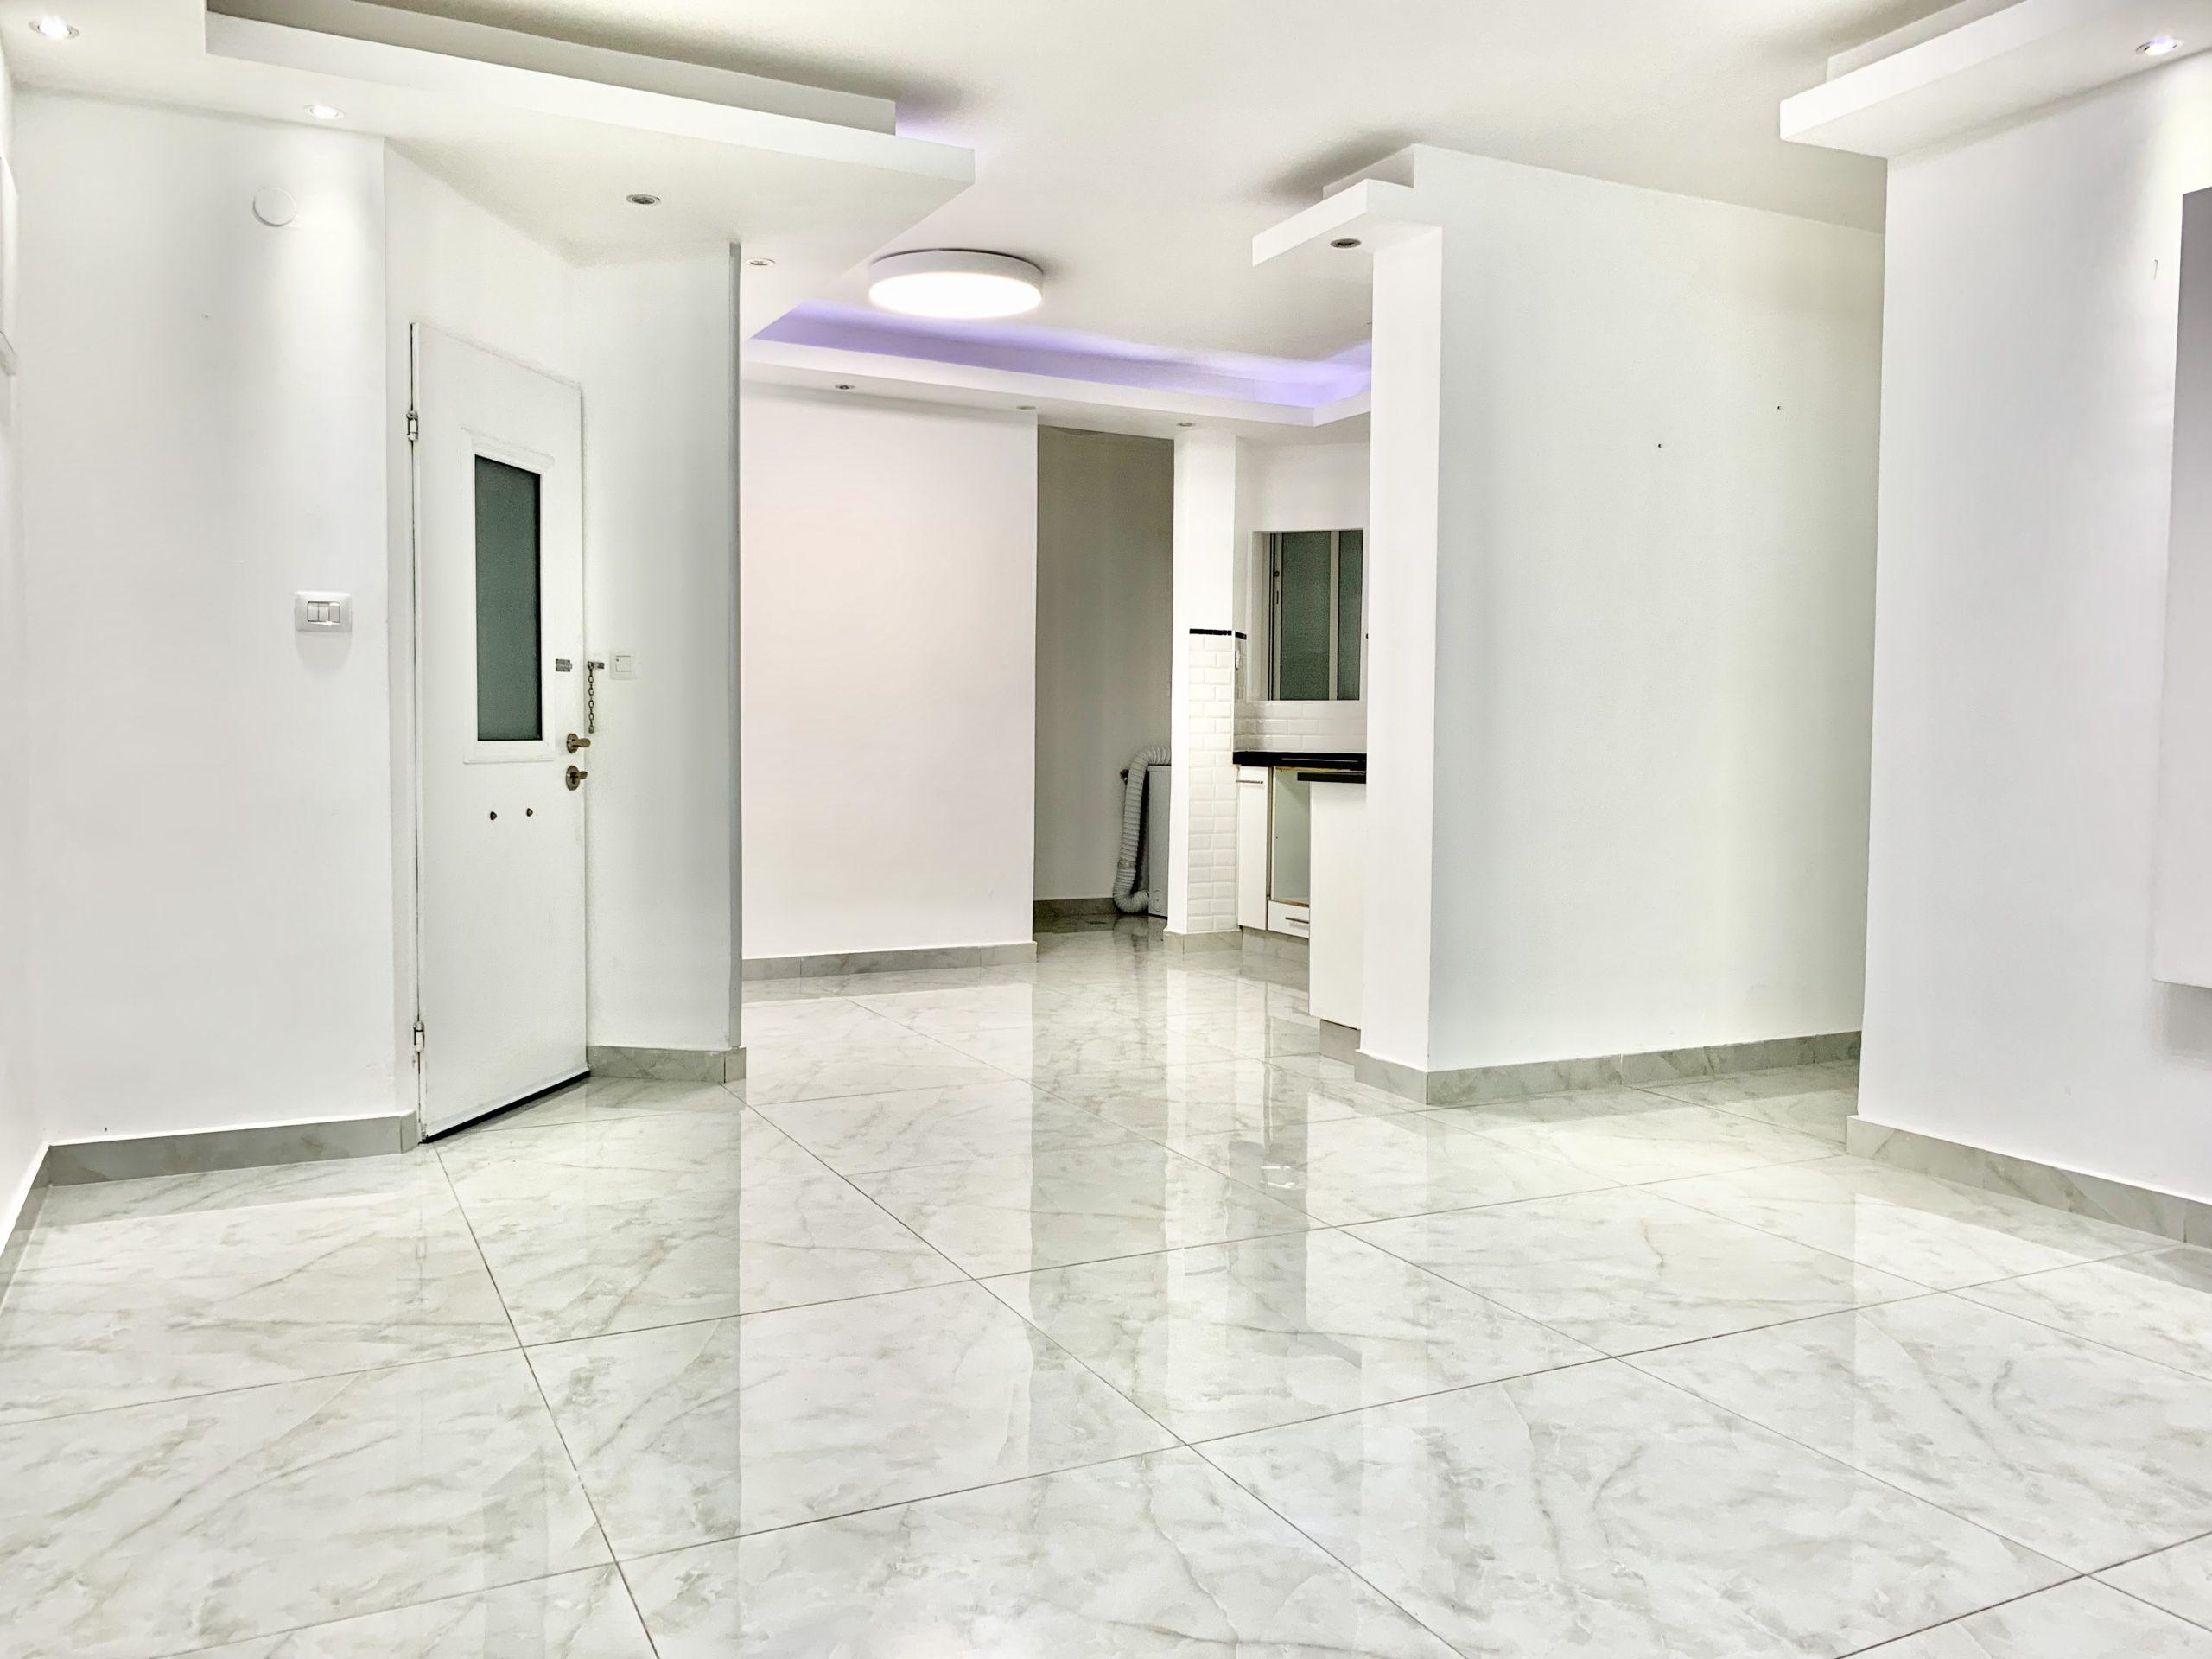 דירה 4 חדרים בשכונת בן גוריון 90 מ״ר גדולה  משופצת מהיסוד !!!